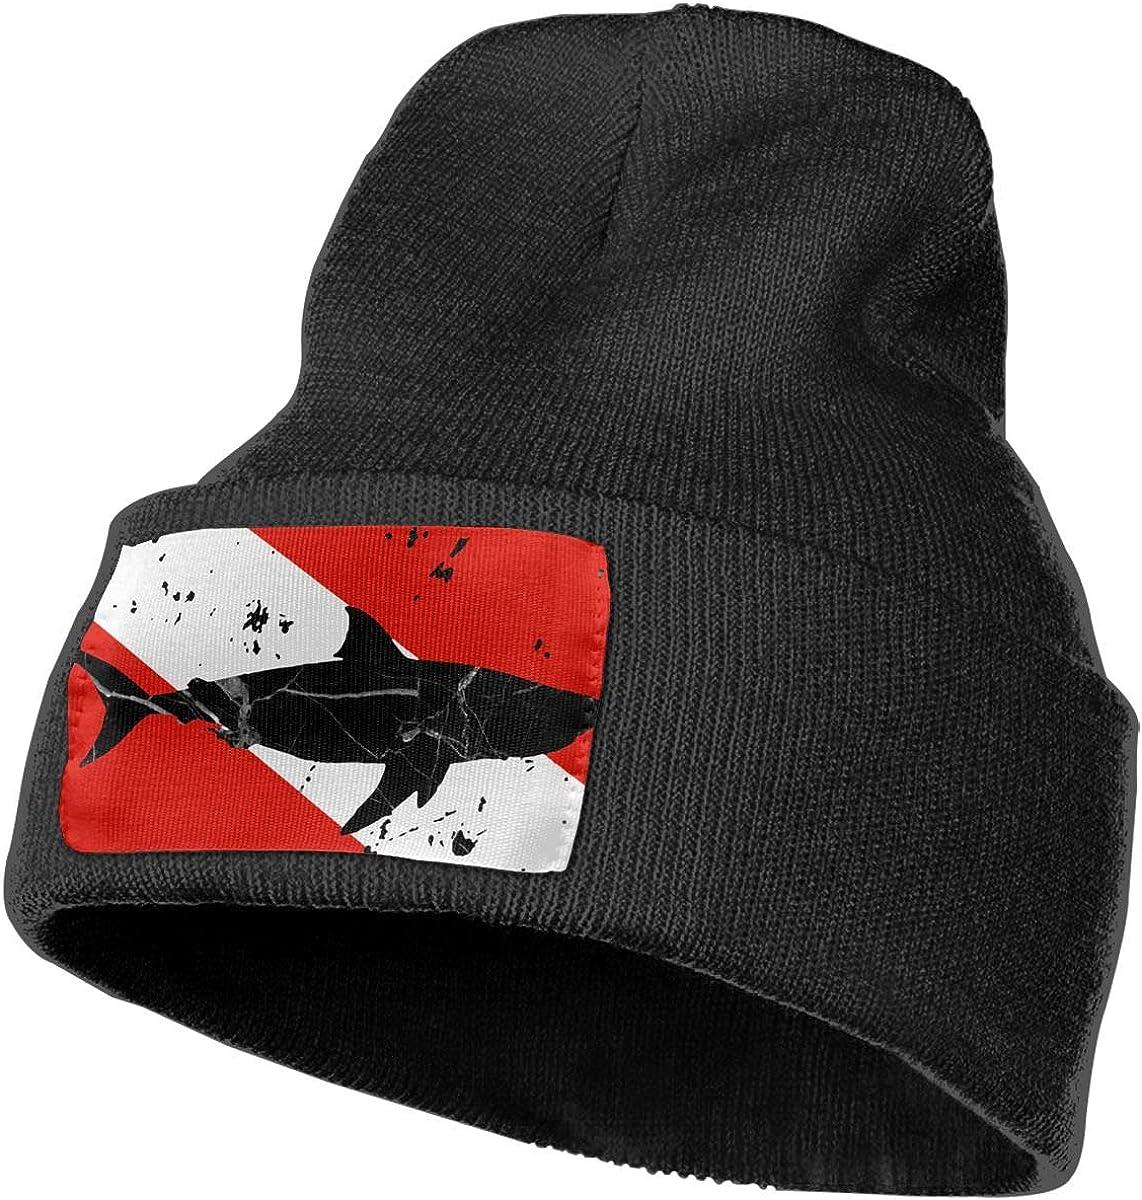 Vintage Shark Scuba Dive Flag Ski Cap Men Women Knit Hats Stretchy & Soft Beanie